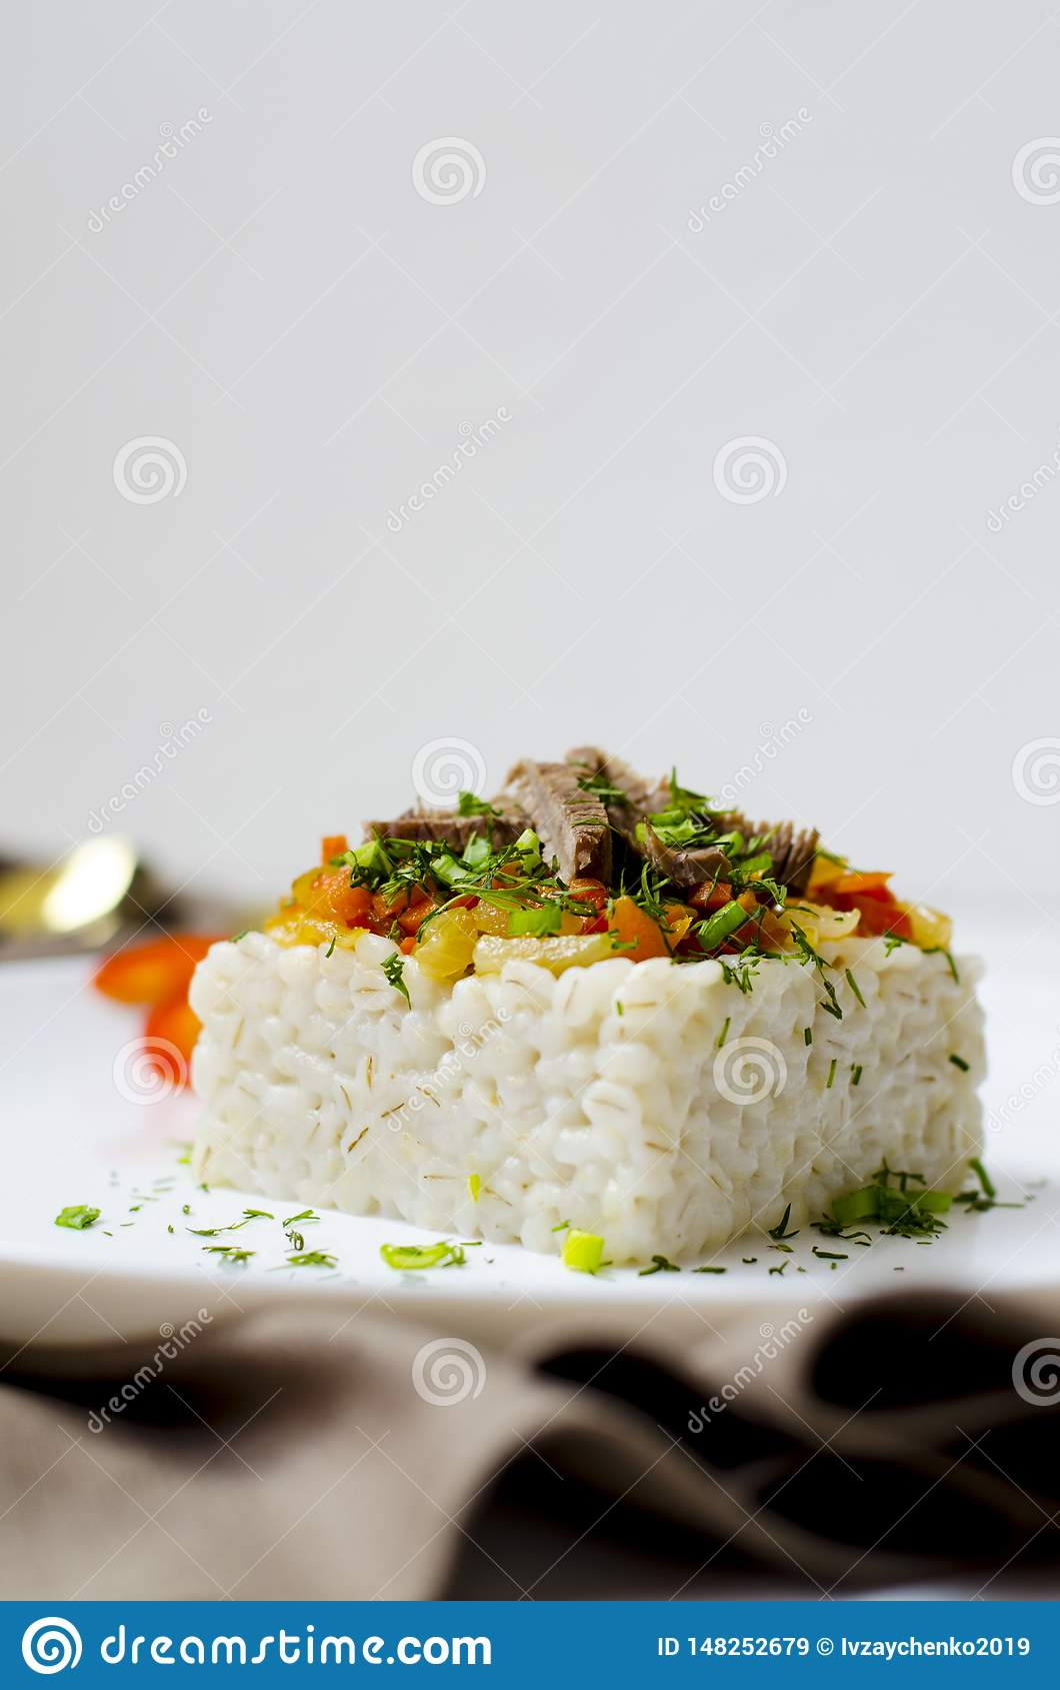 En la cebada blanca del fondo las gachas de avena se sirven en una placa blanca, en el vajilla del fondo se sirve con una servill